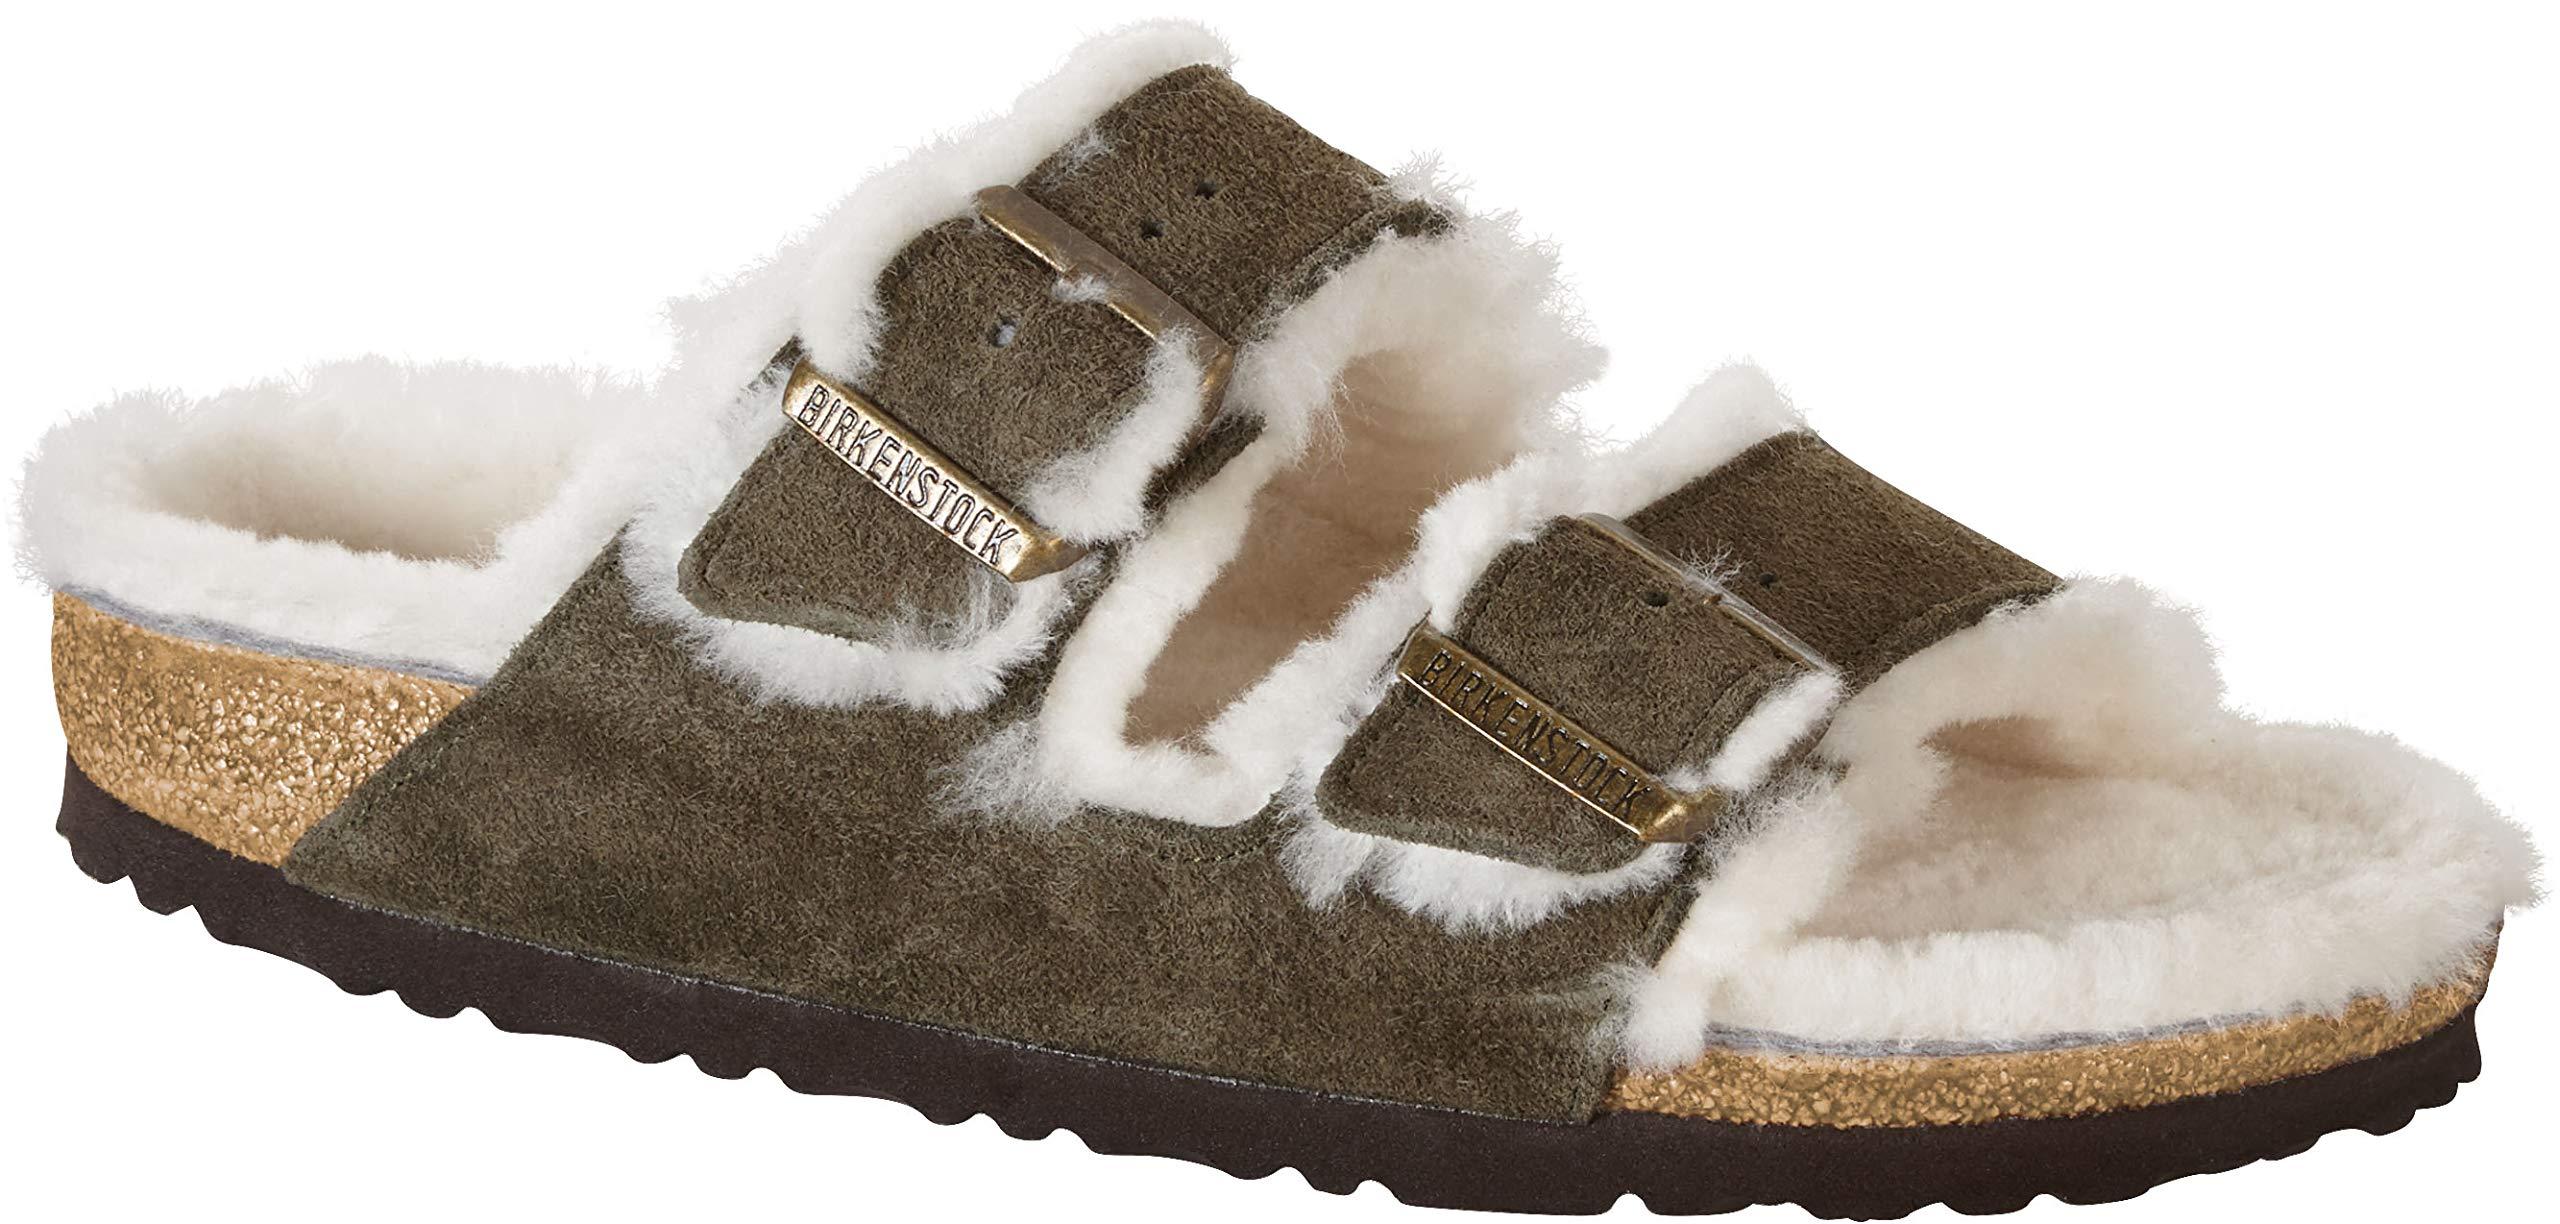 Womens Birkenstock Arizona Shearling Sandal Size 39 N Mink